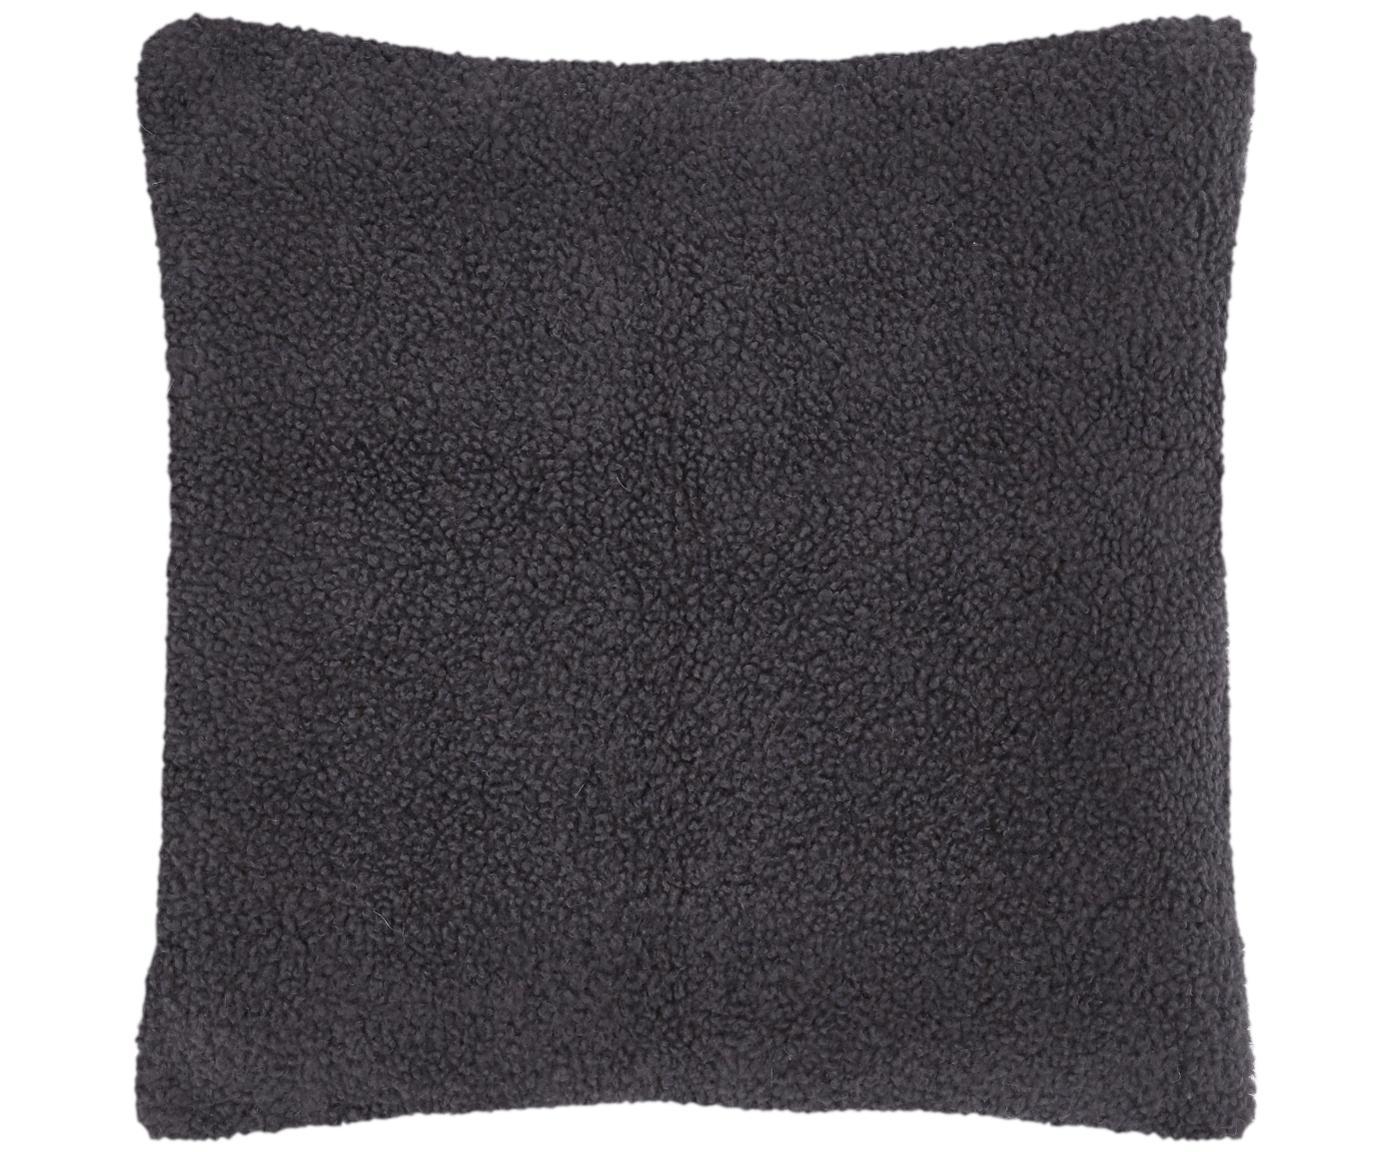 Poszewka na poduszkę Teddy Mille, Ciemny szary, S 45 x D 45 cm